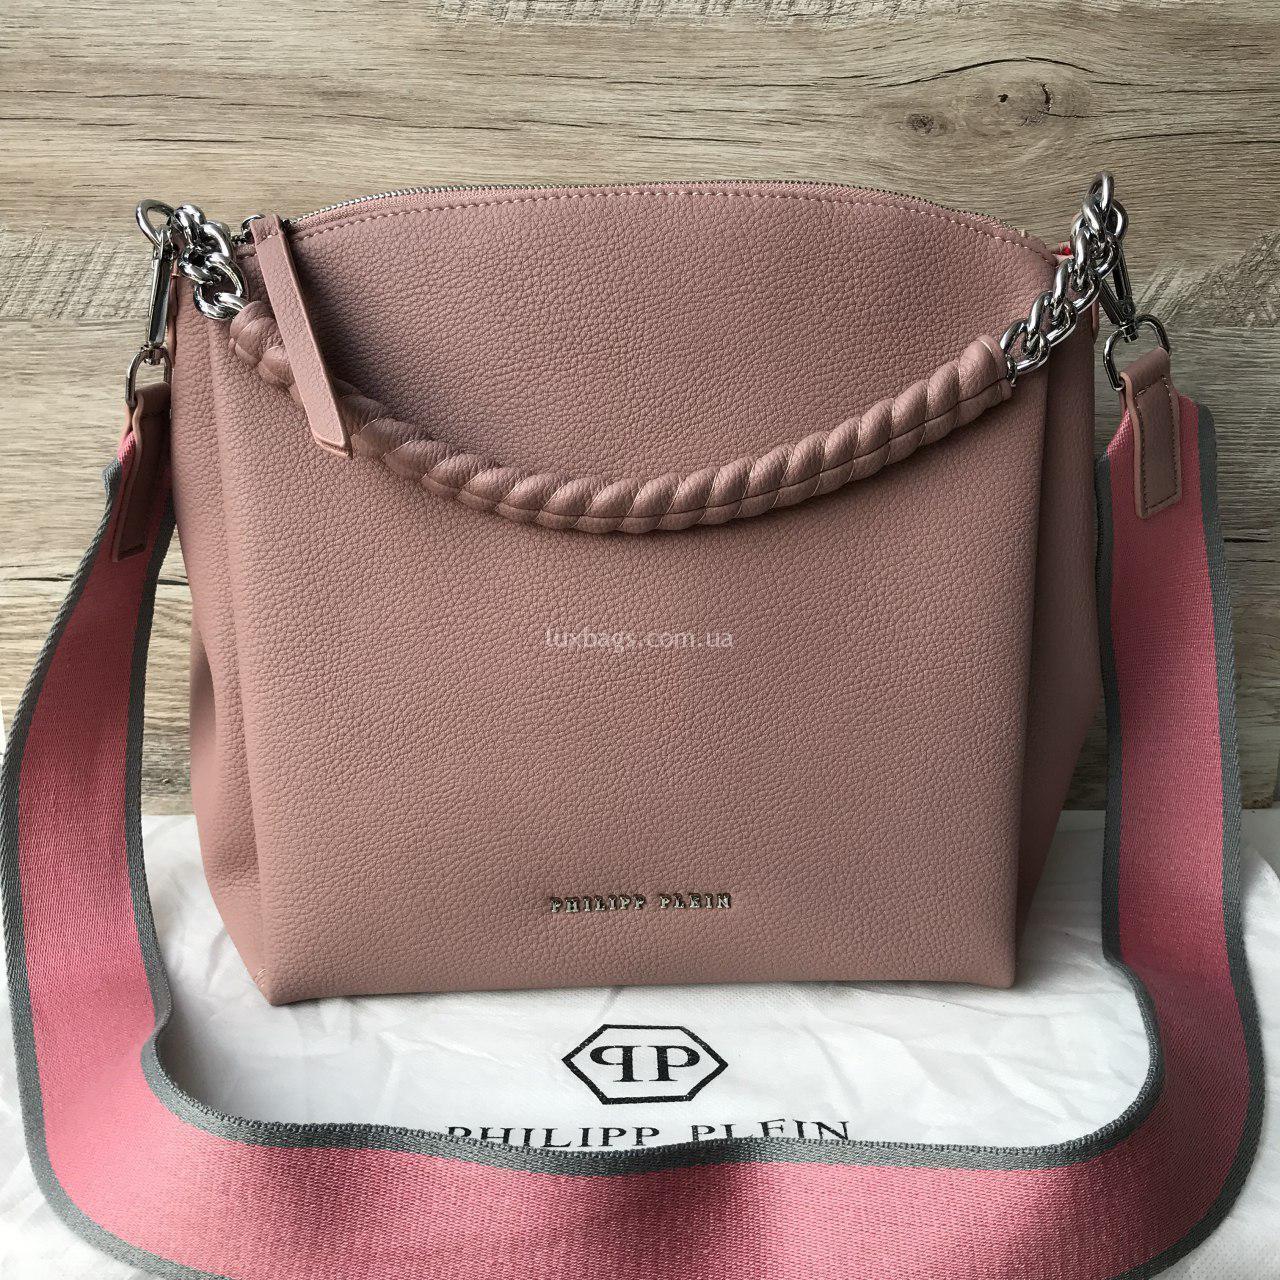 cad16d4f567f Женская сумка Philipp Plein   Женские Сумки Недорого